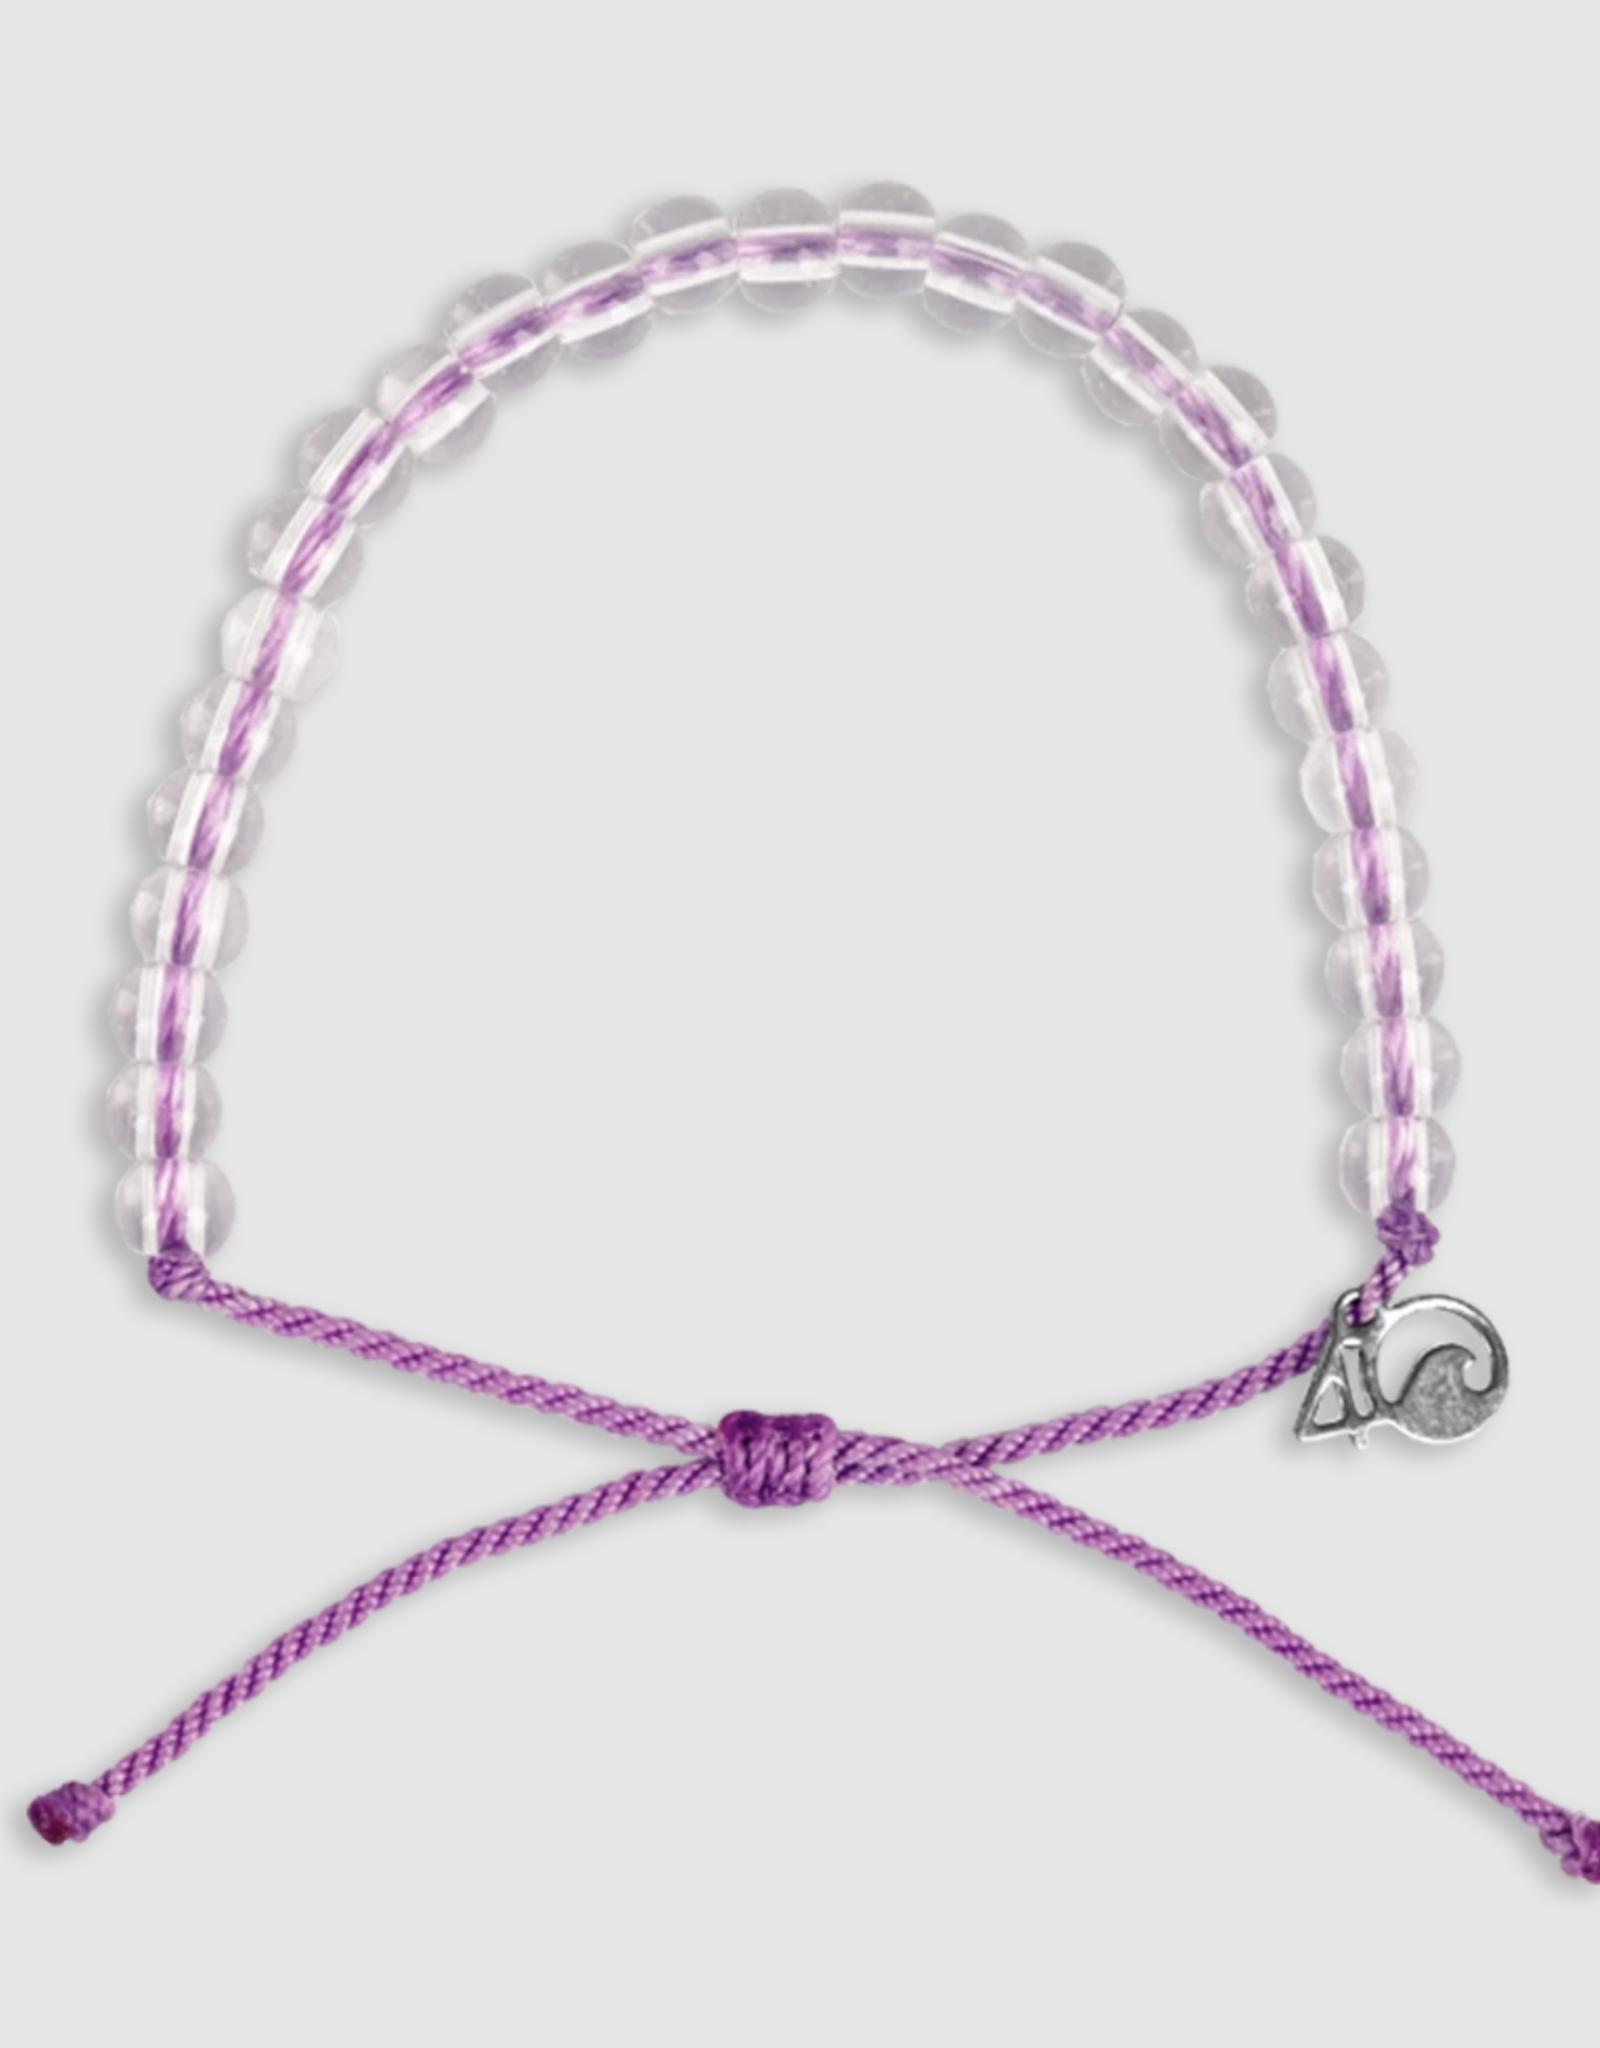 4Ocean 4Ocean - Bracelet Dumbo Octopus